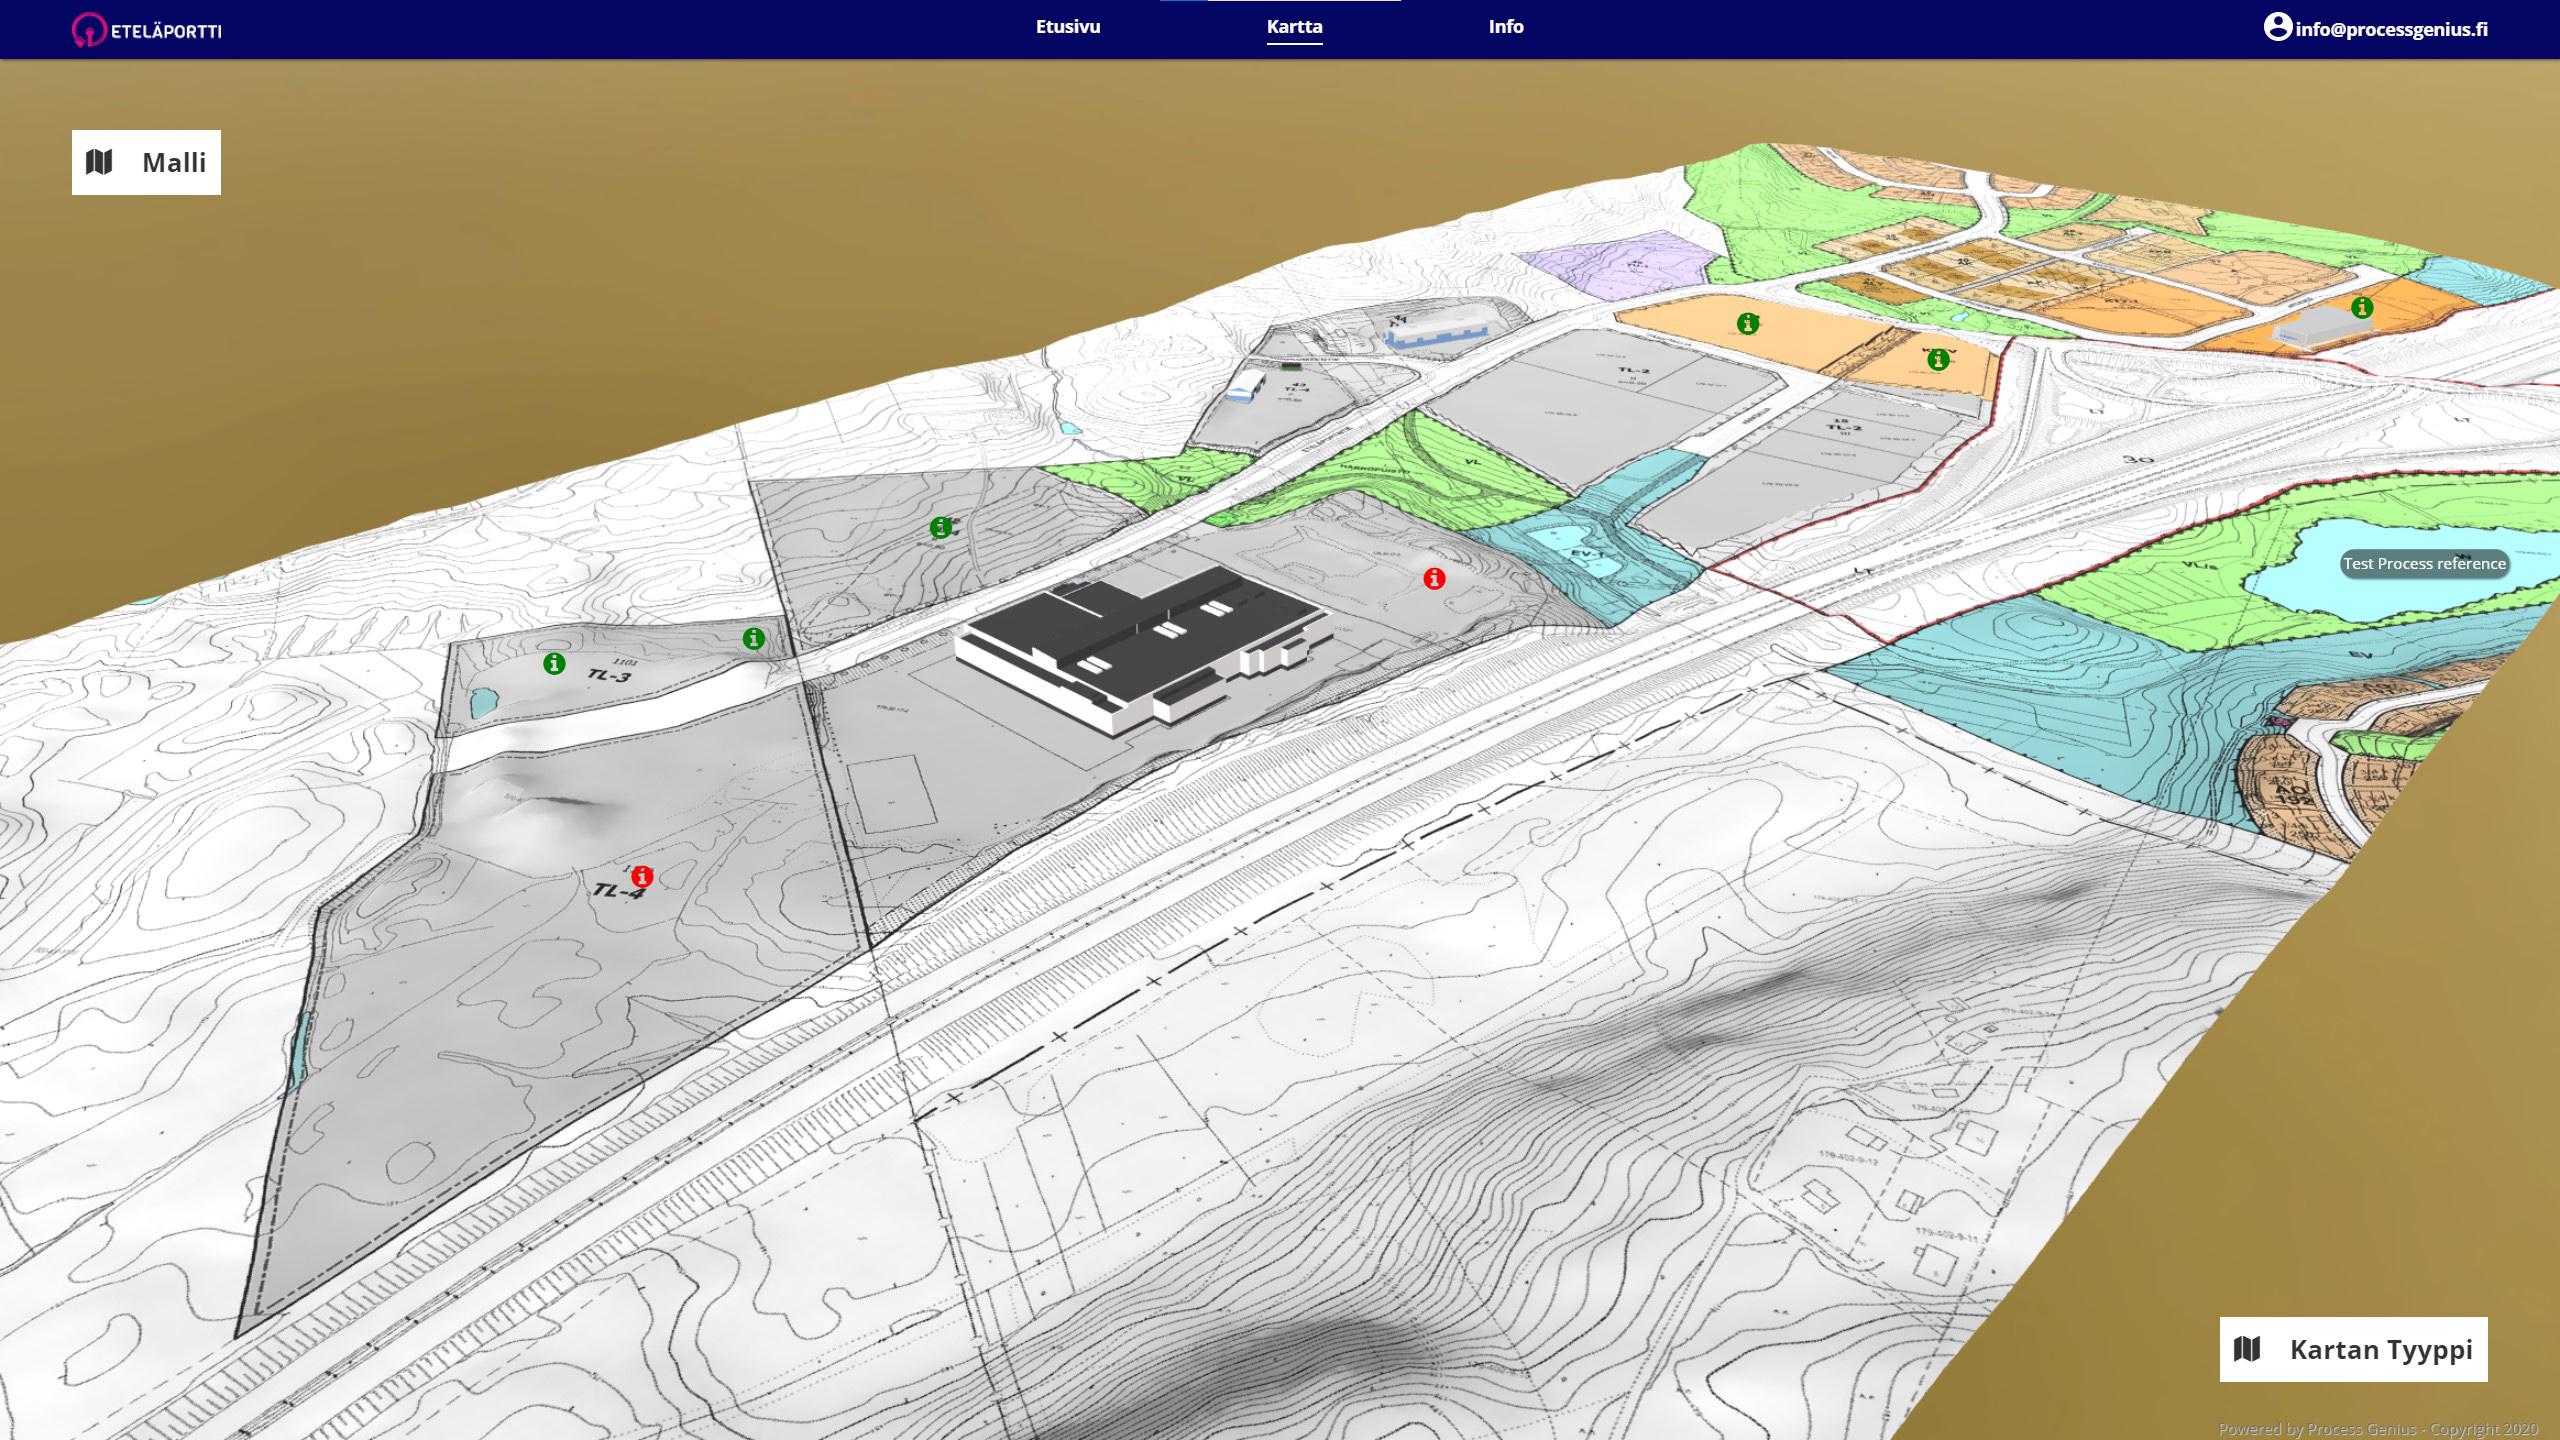 Hankkeiden suunnitteluun tarkoitettu Eteläportin virtuaalialusta on julkaistu